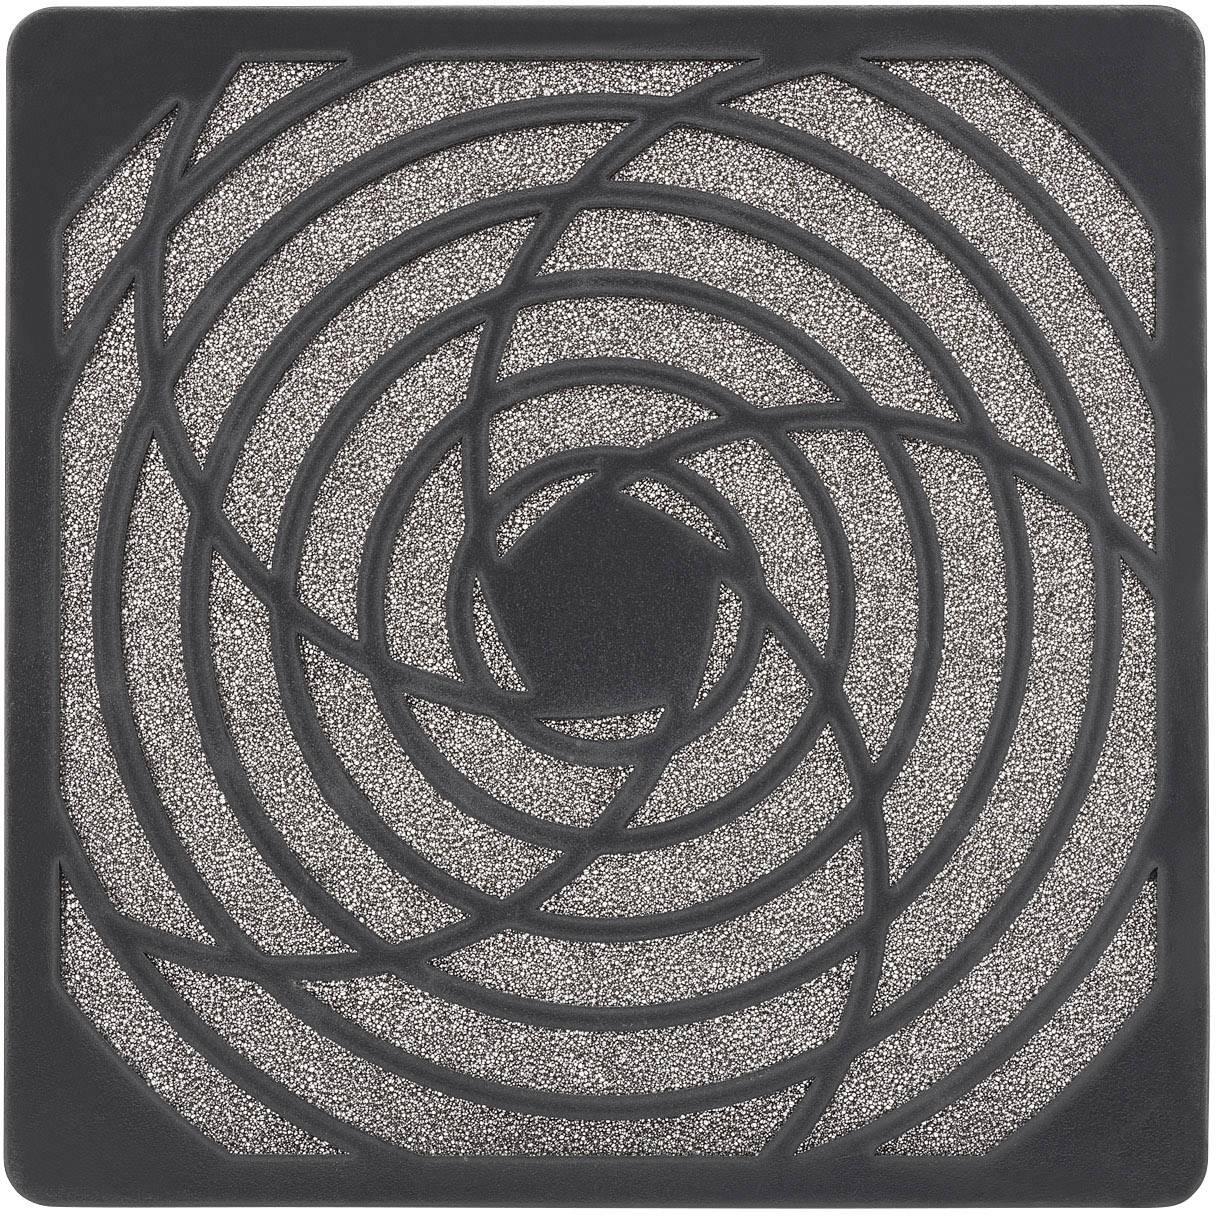 Větrací mřížka s filtrační vložkou 1 ks PROFAN Technology (š x v x h) 125 x 125 x 10.1 mm, plast